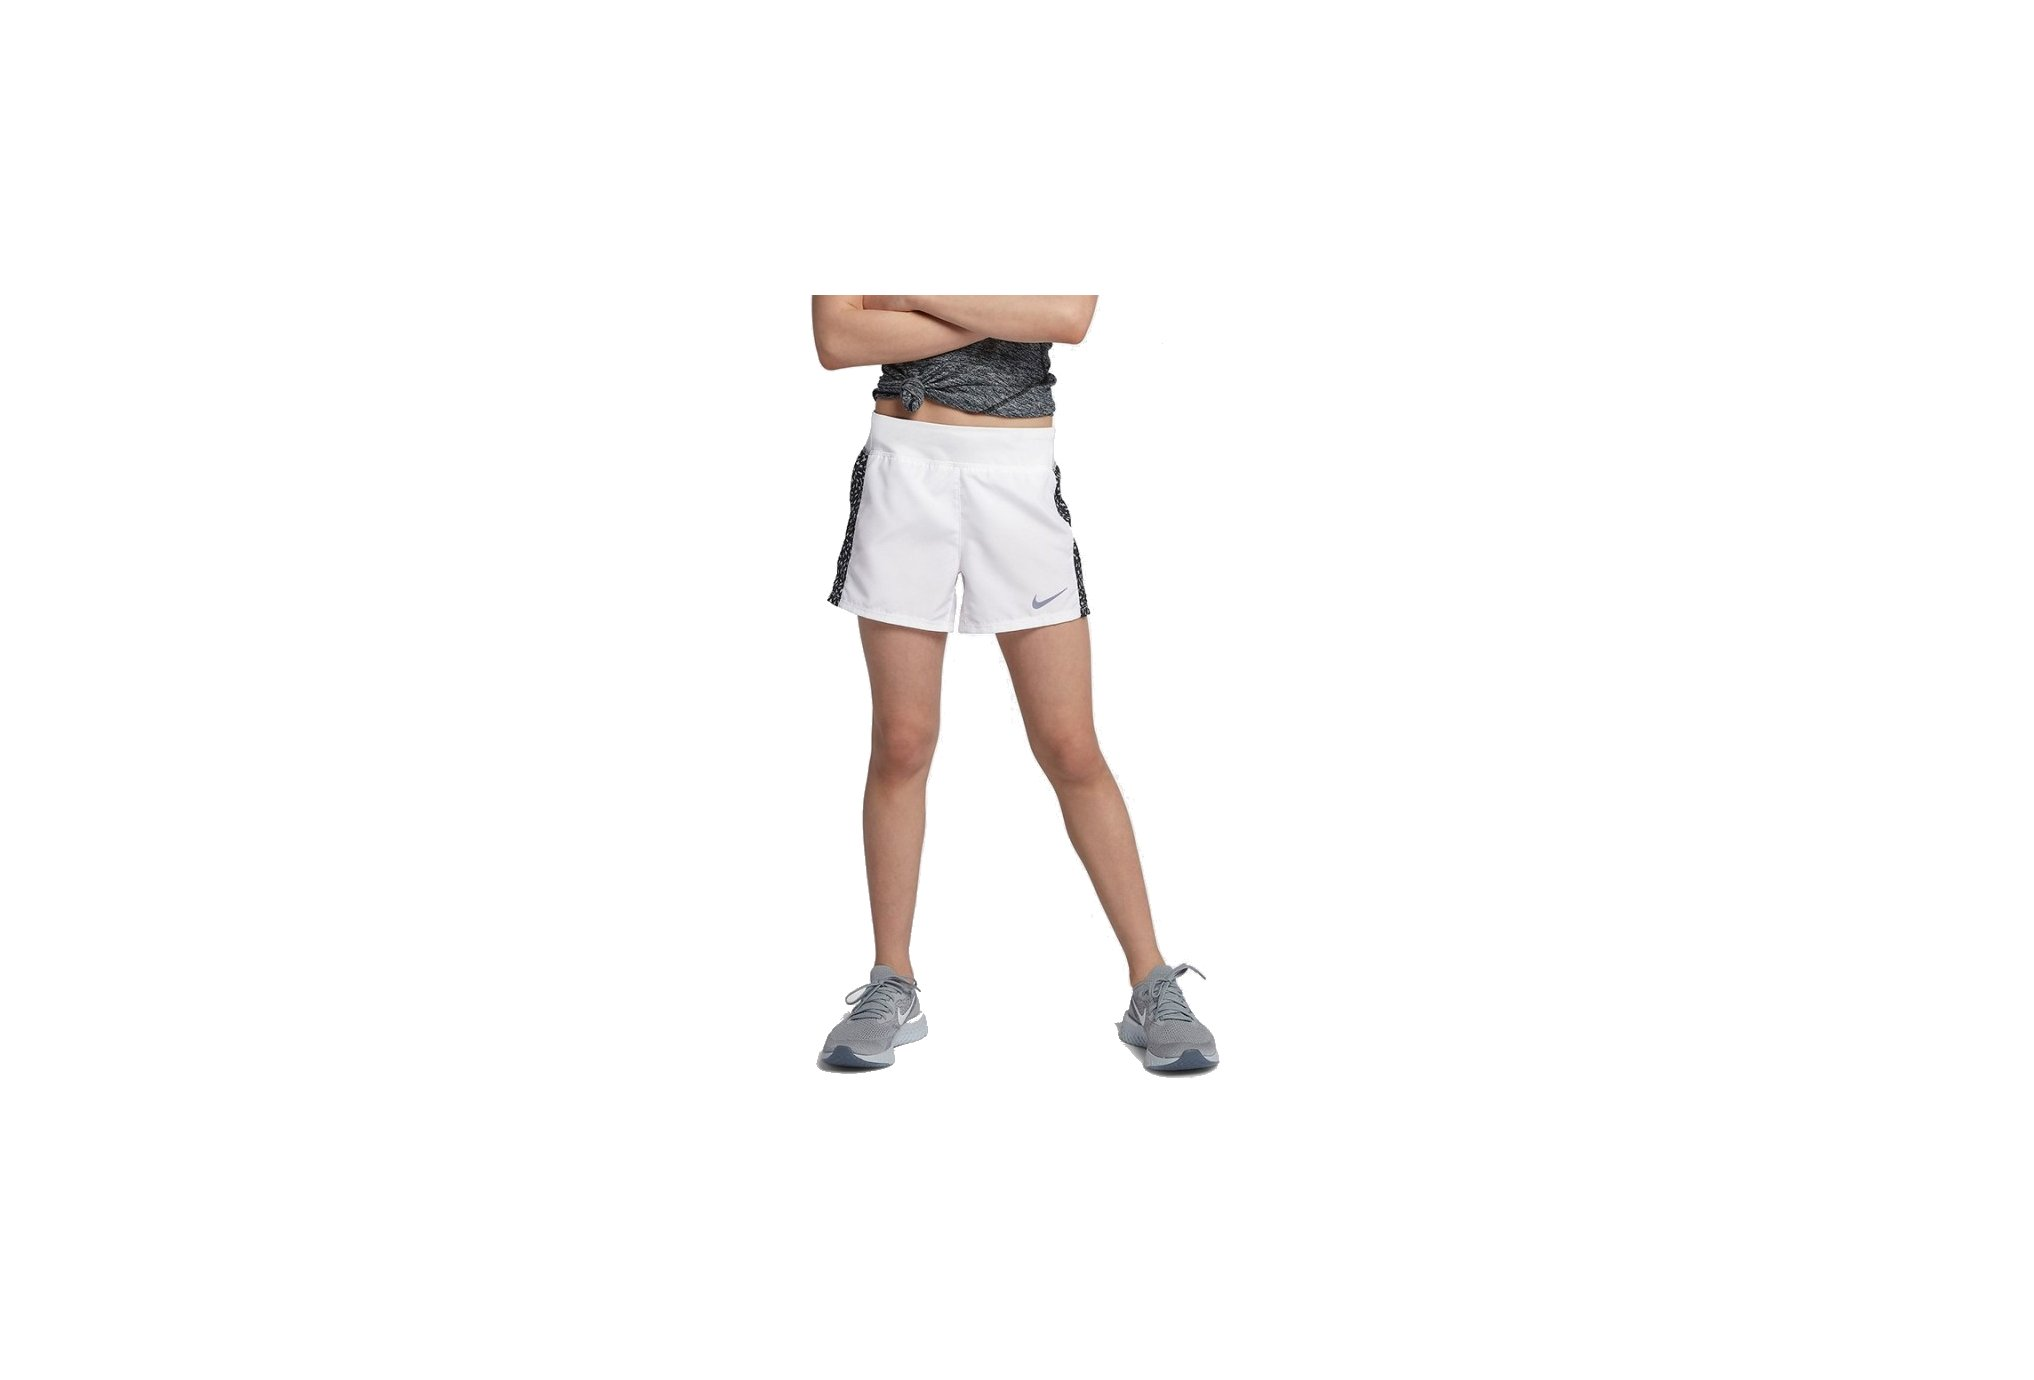 Nike Triumph fille vêtement running femme